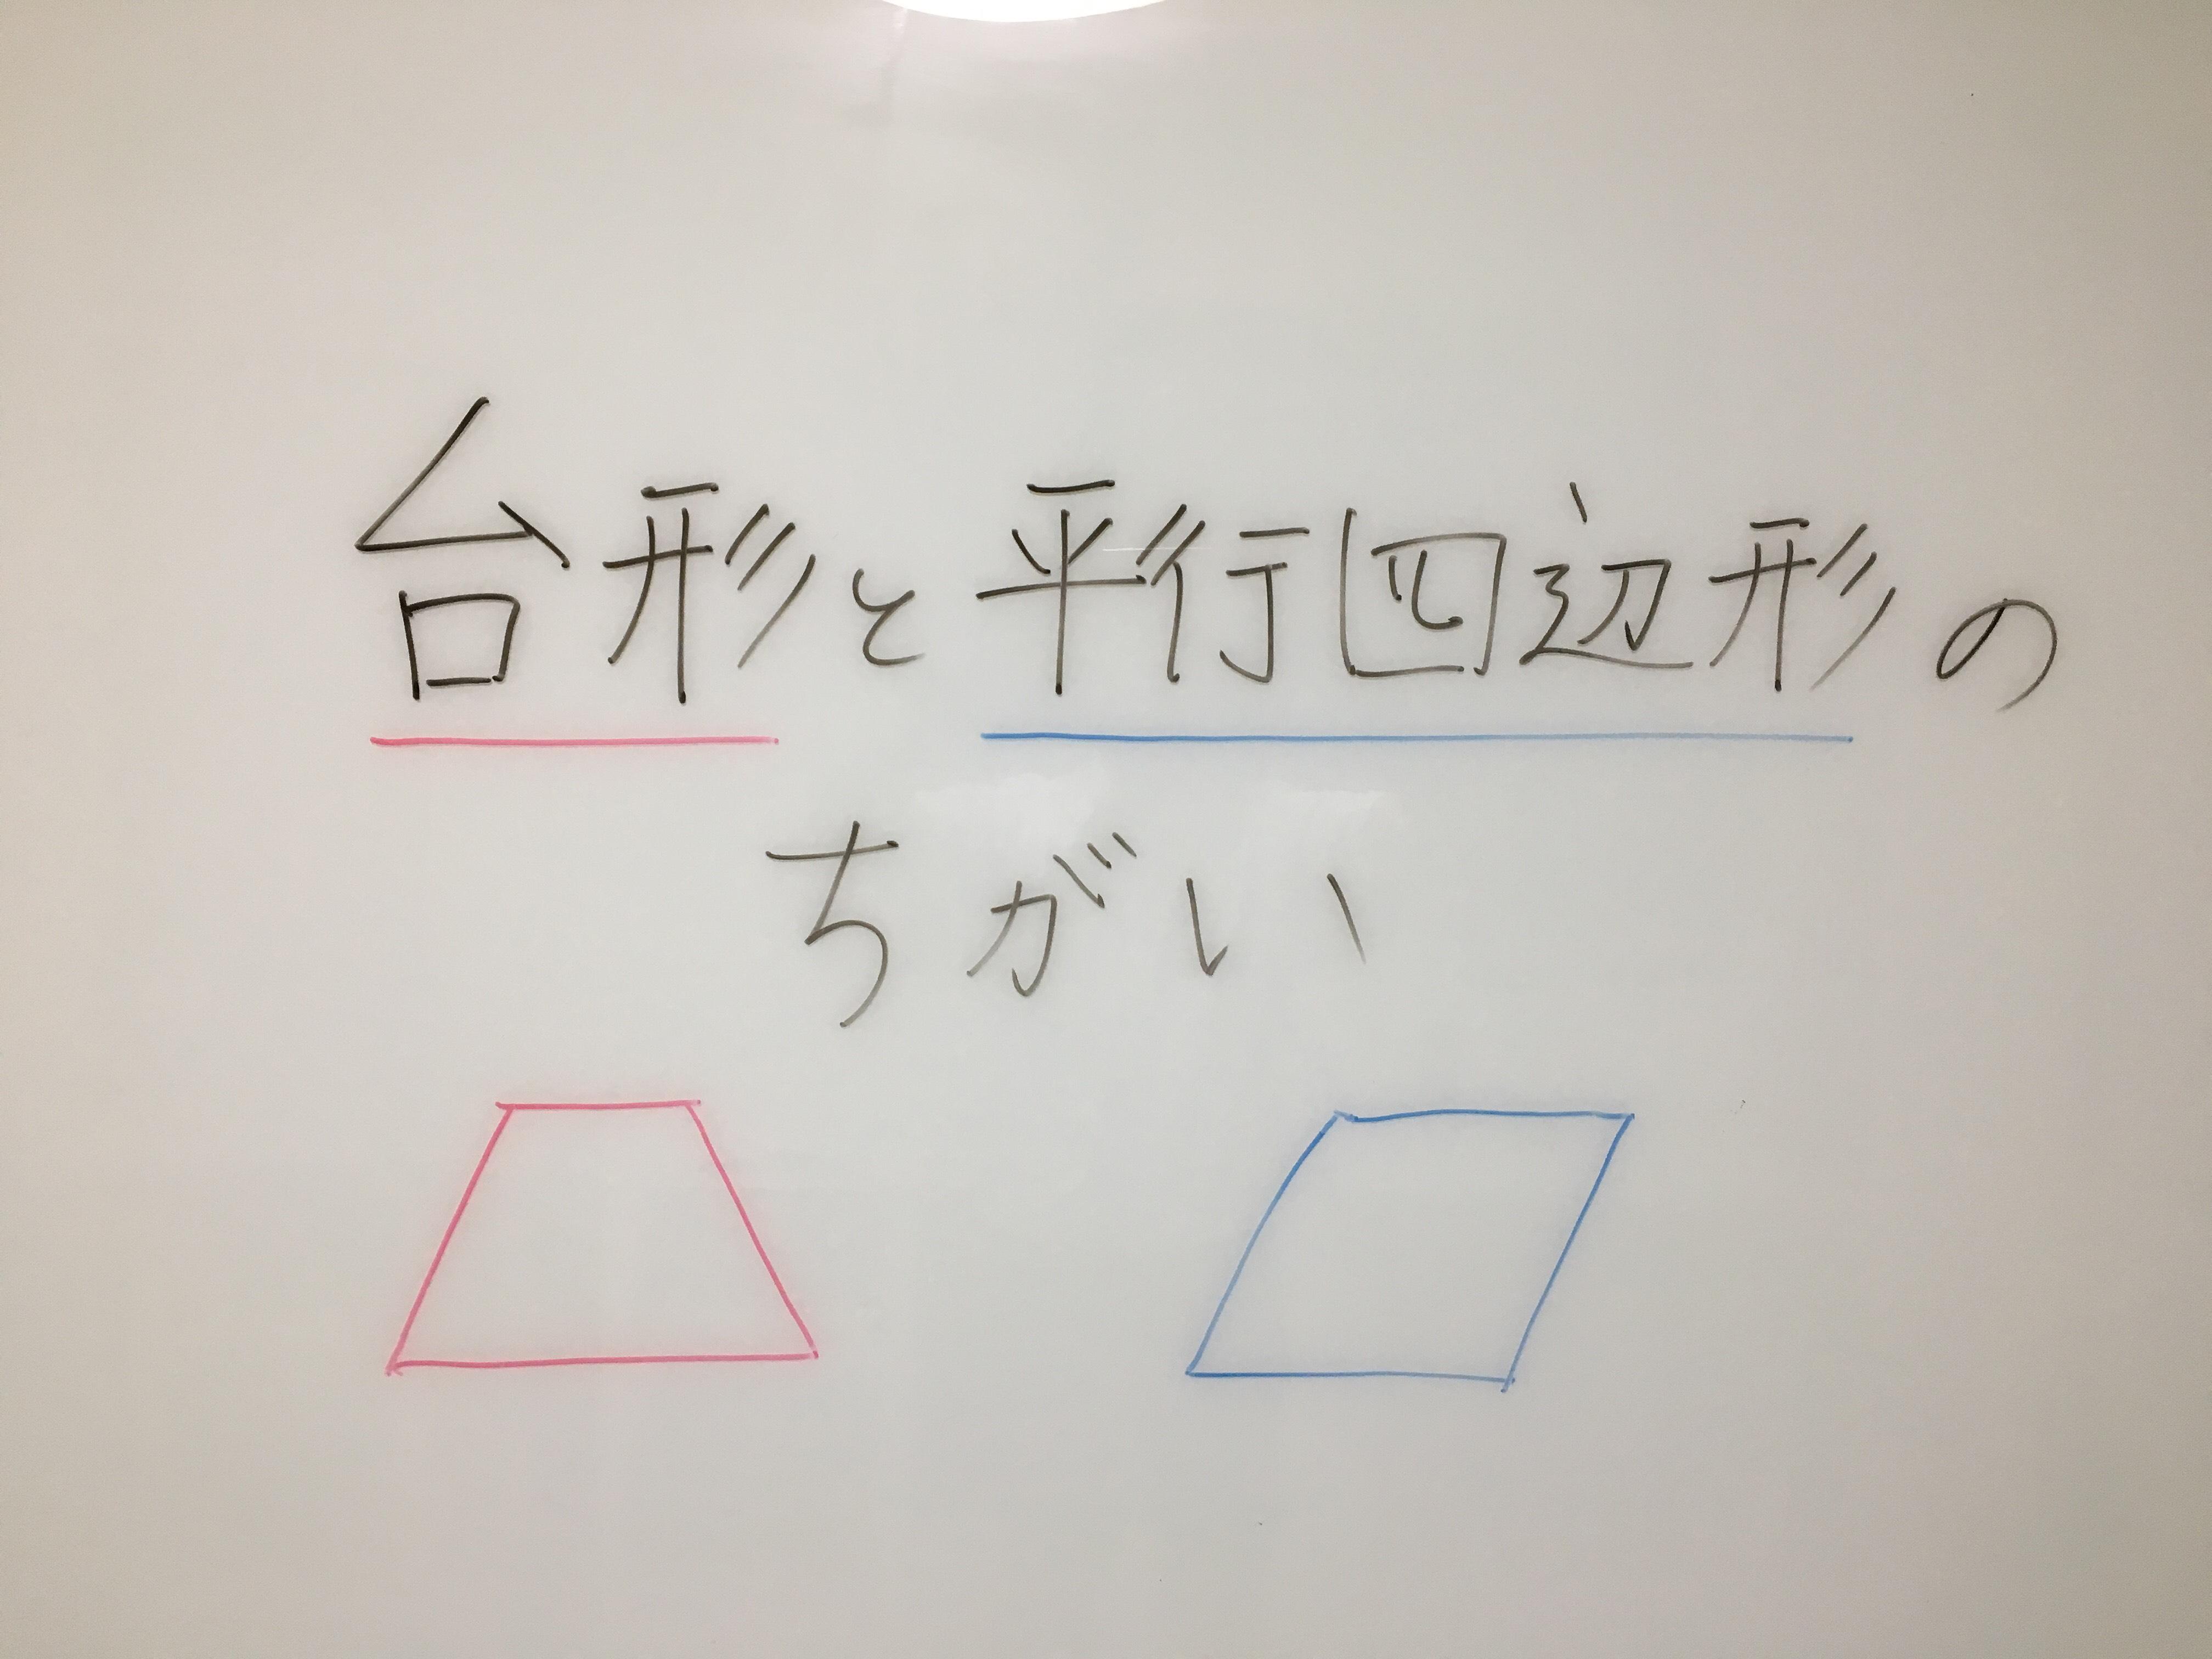 平行 四辺 形 定義